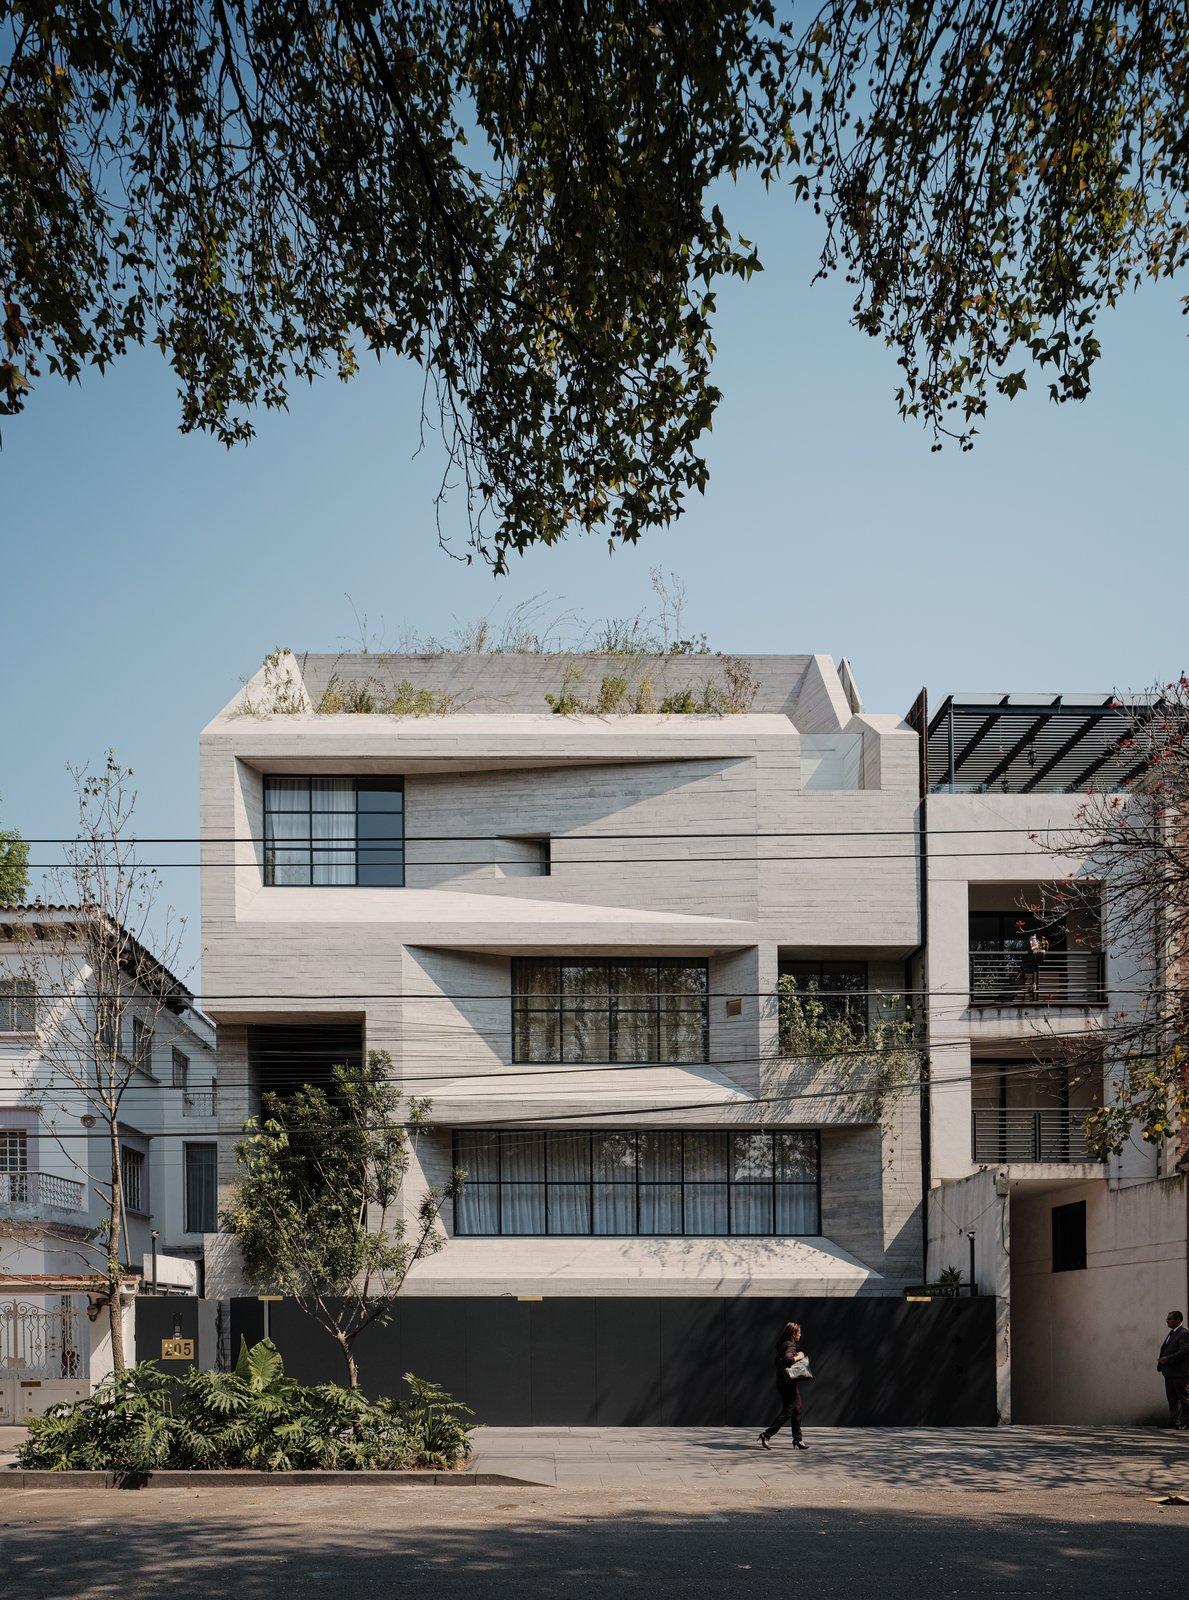 Tennyson 205 Rick Joy Polanco Apartment